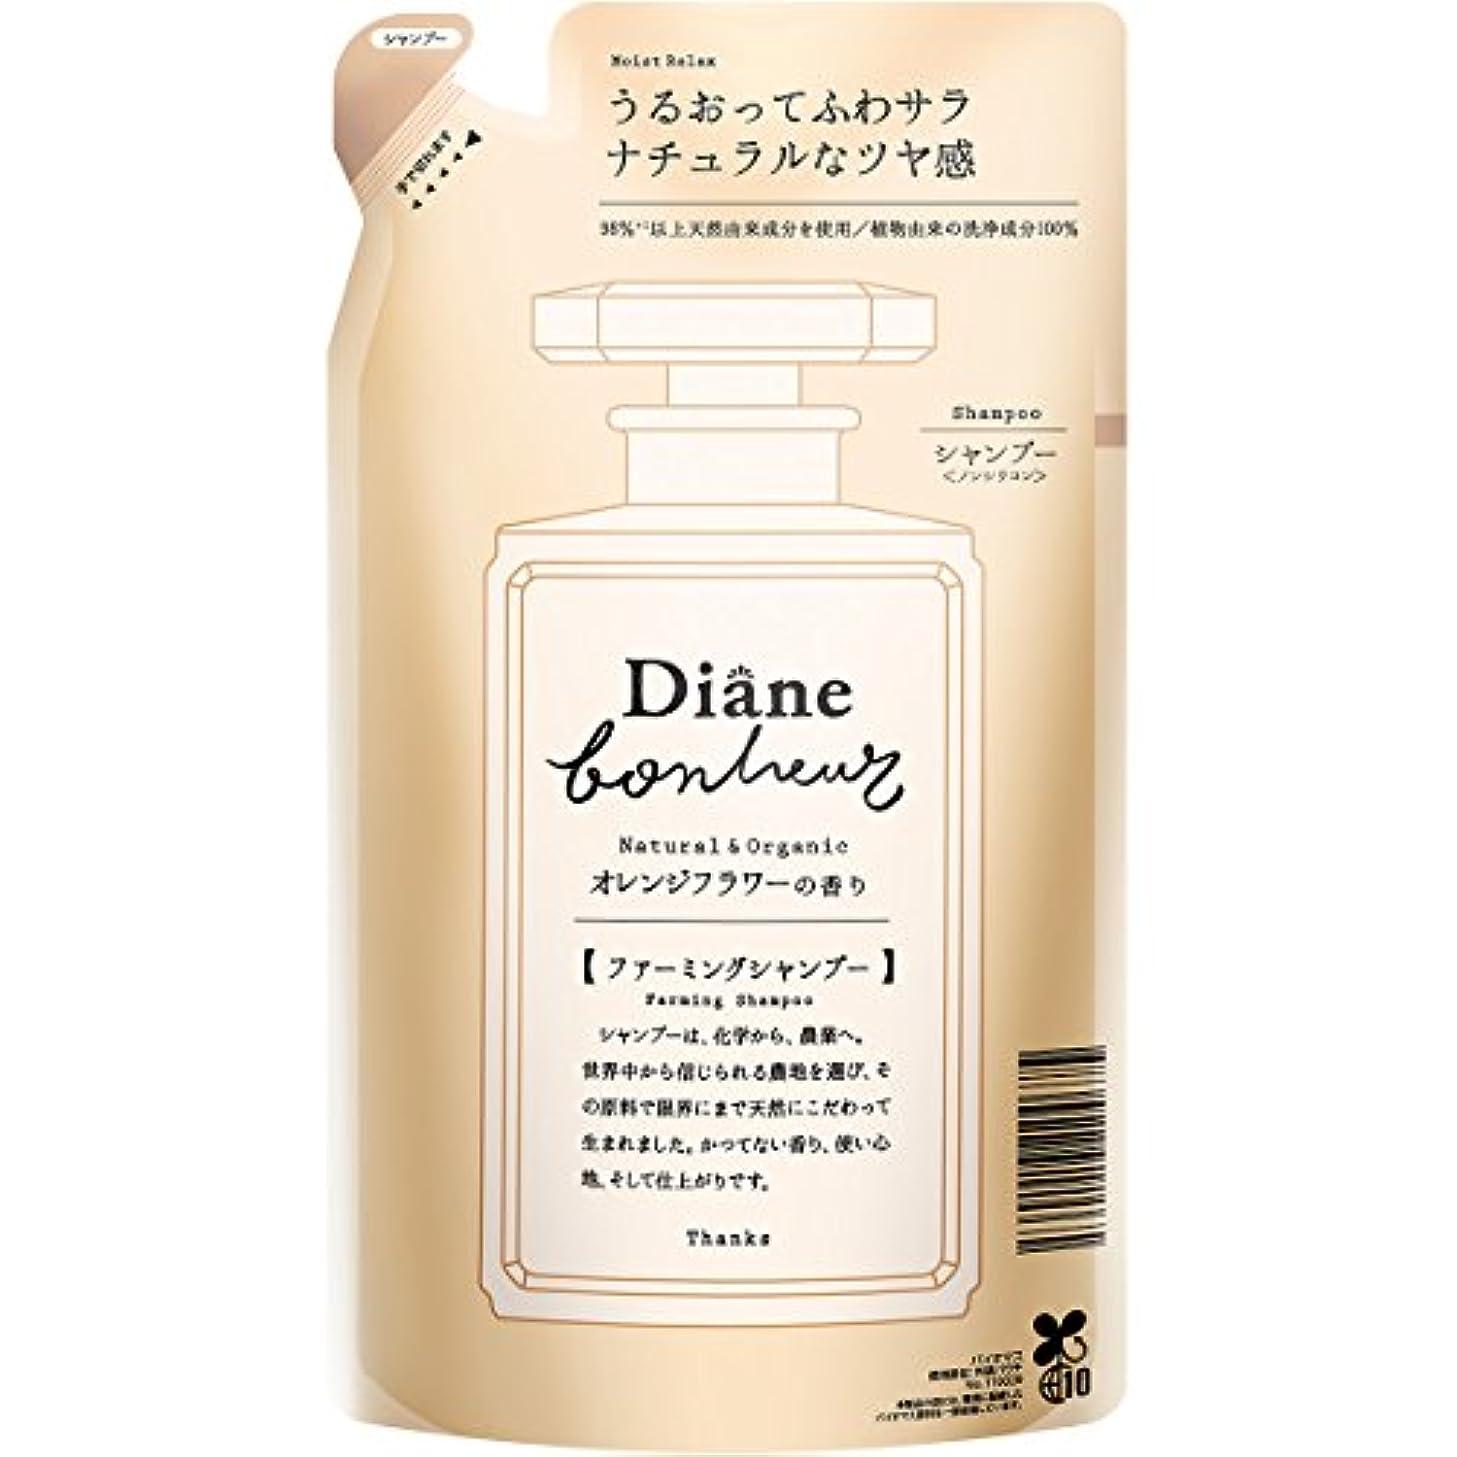 感謝する斧どっちダイアン ボヌール オレンジフラワーの香り モイストリラックス シャンプー 詰め替え 400ml